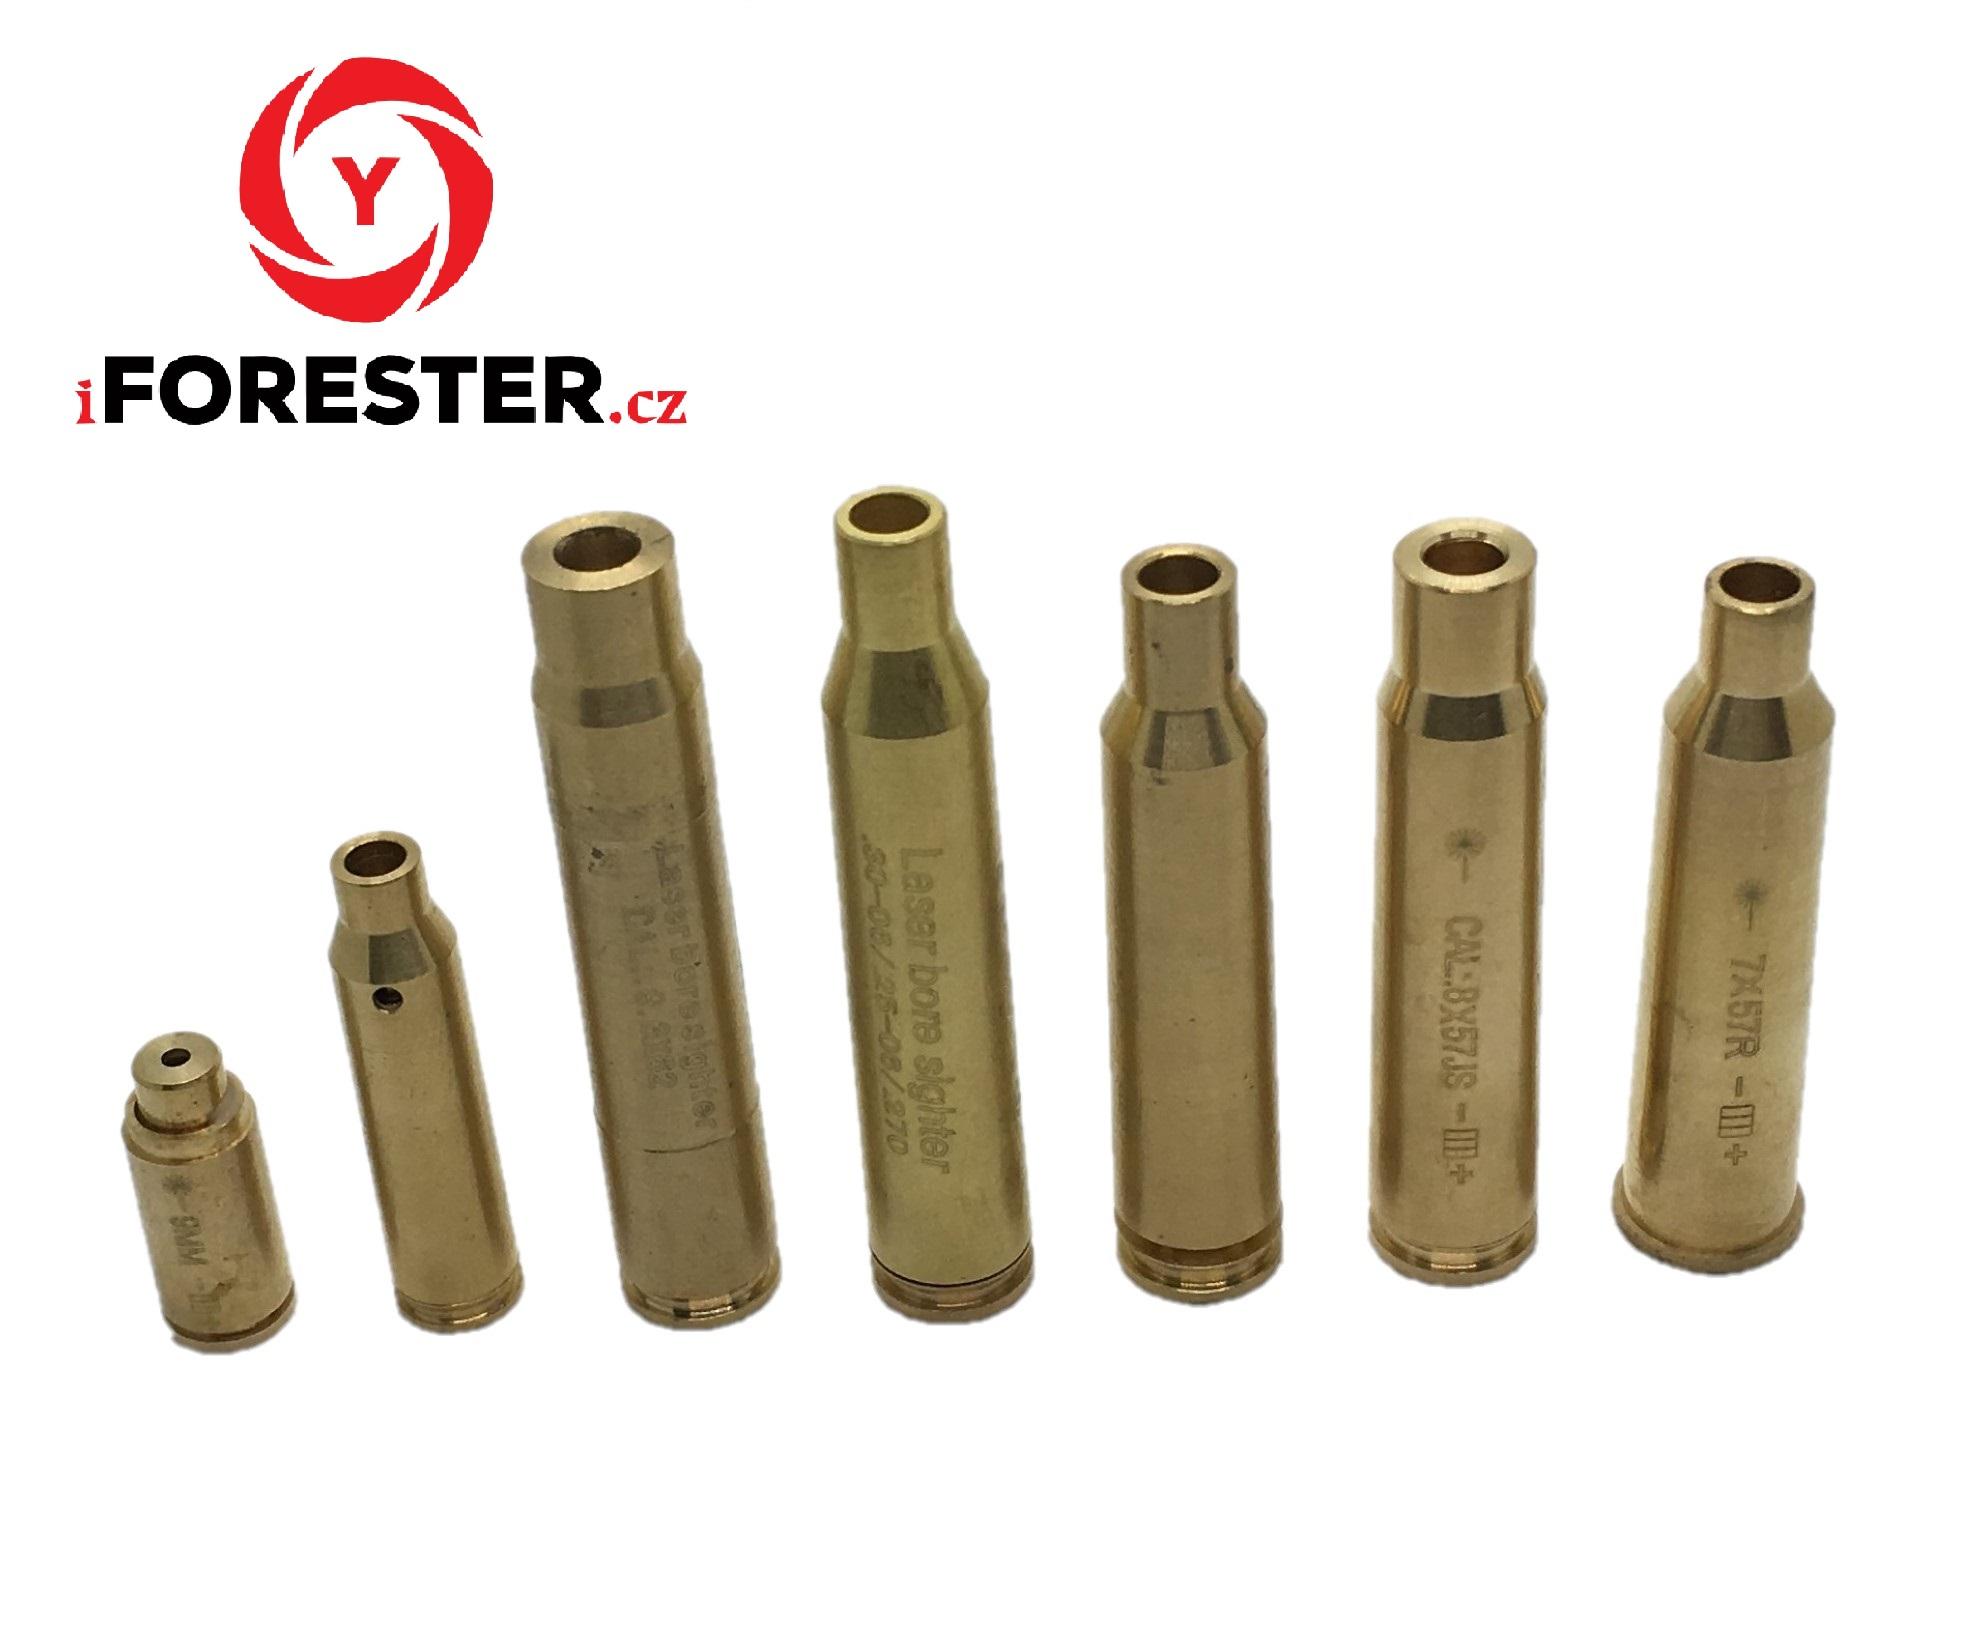 Laser náboj na nastřelení (více variant) Ráže: .30-06 / .25-06 / .270 WIN